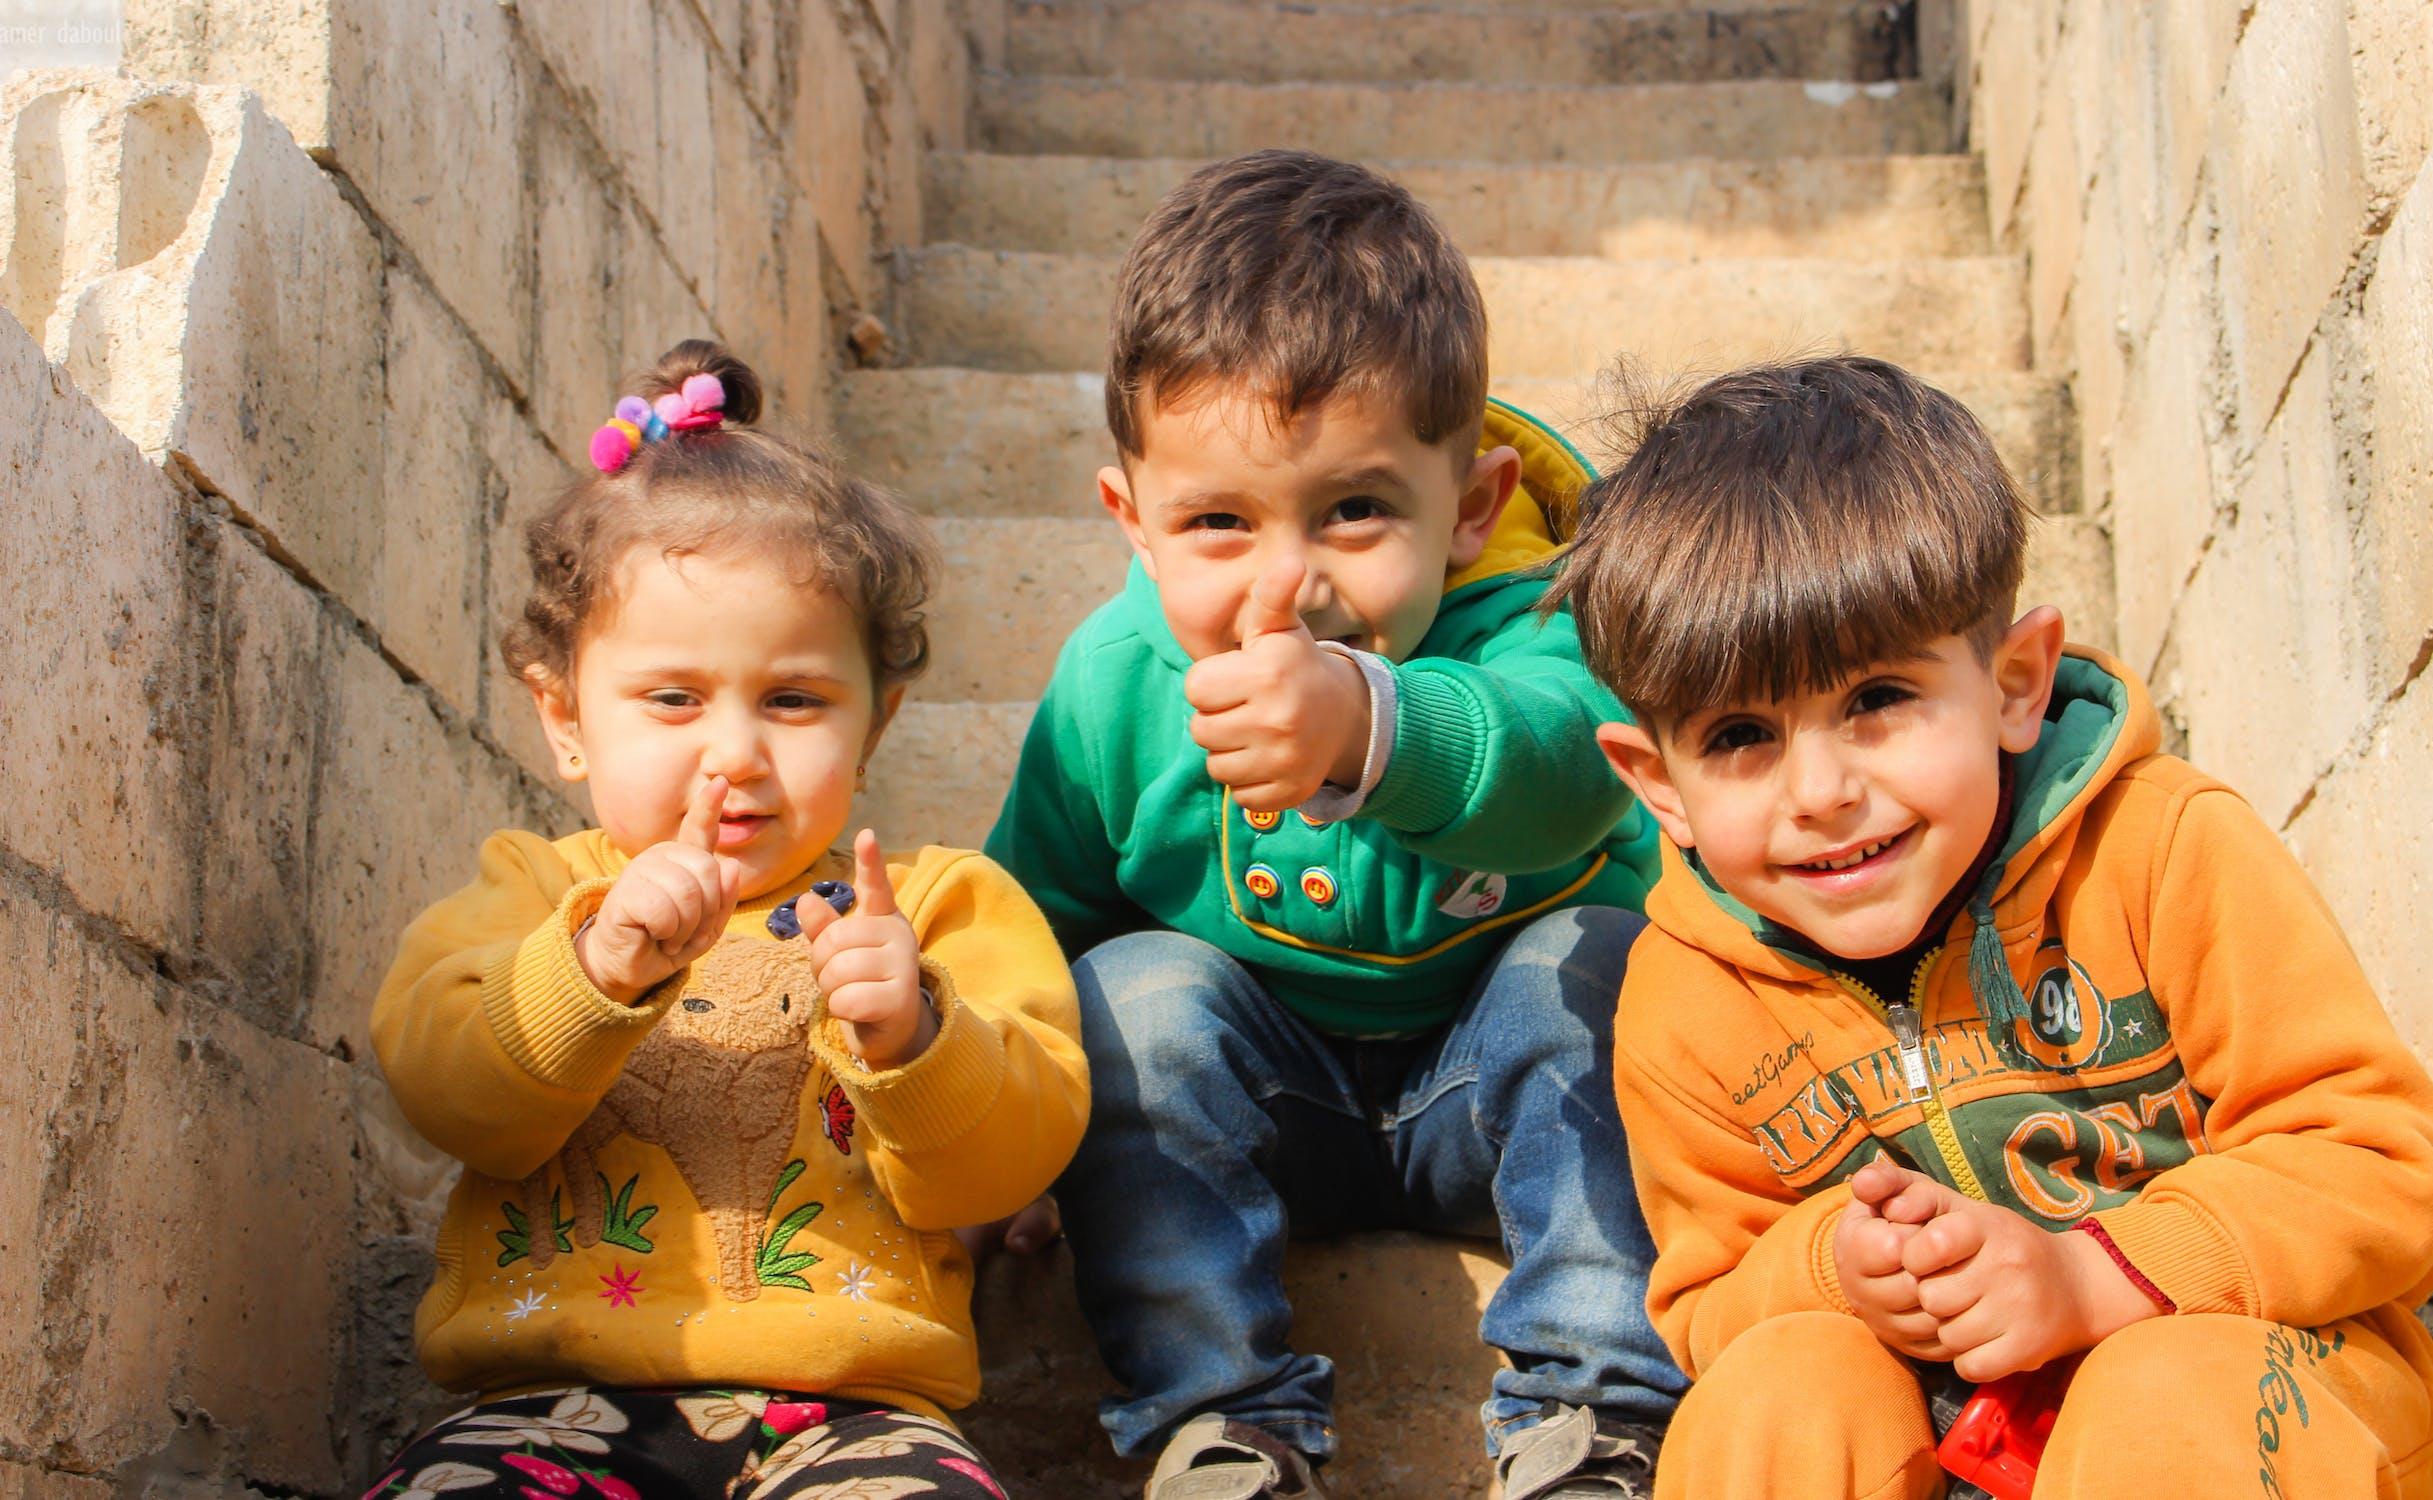 Claves para una infancia feliz